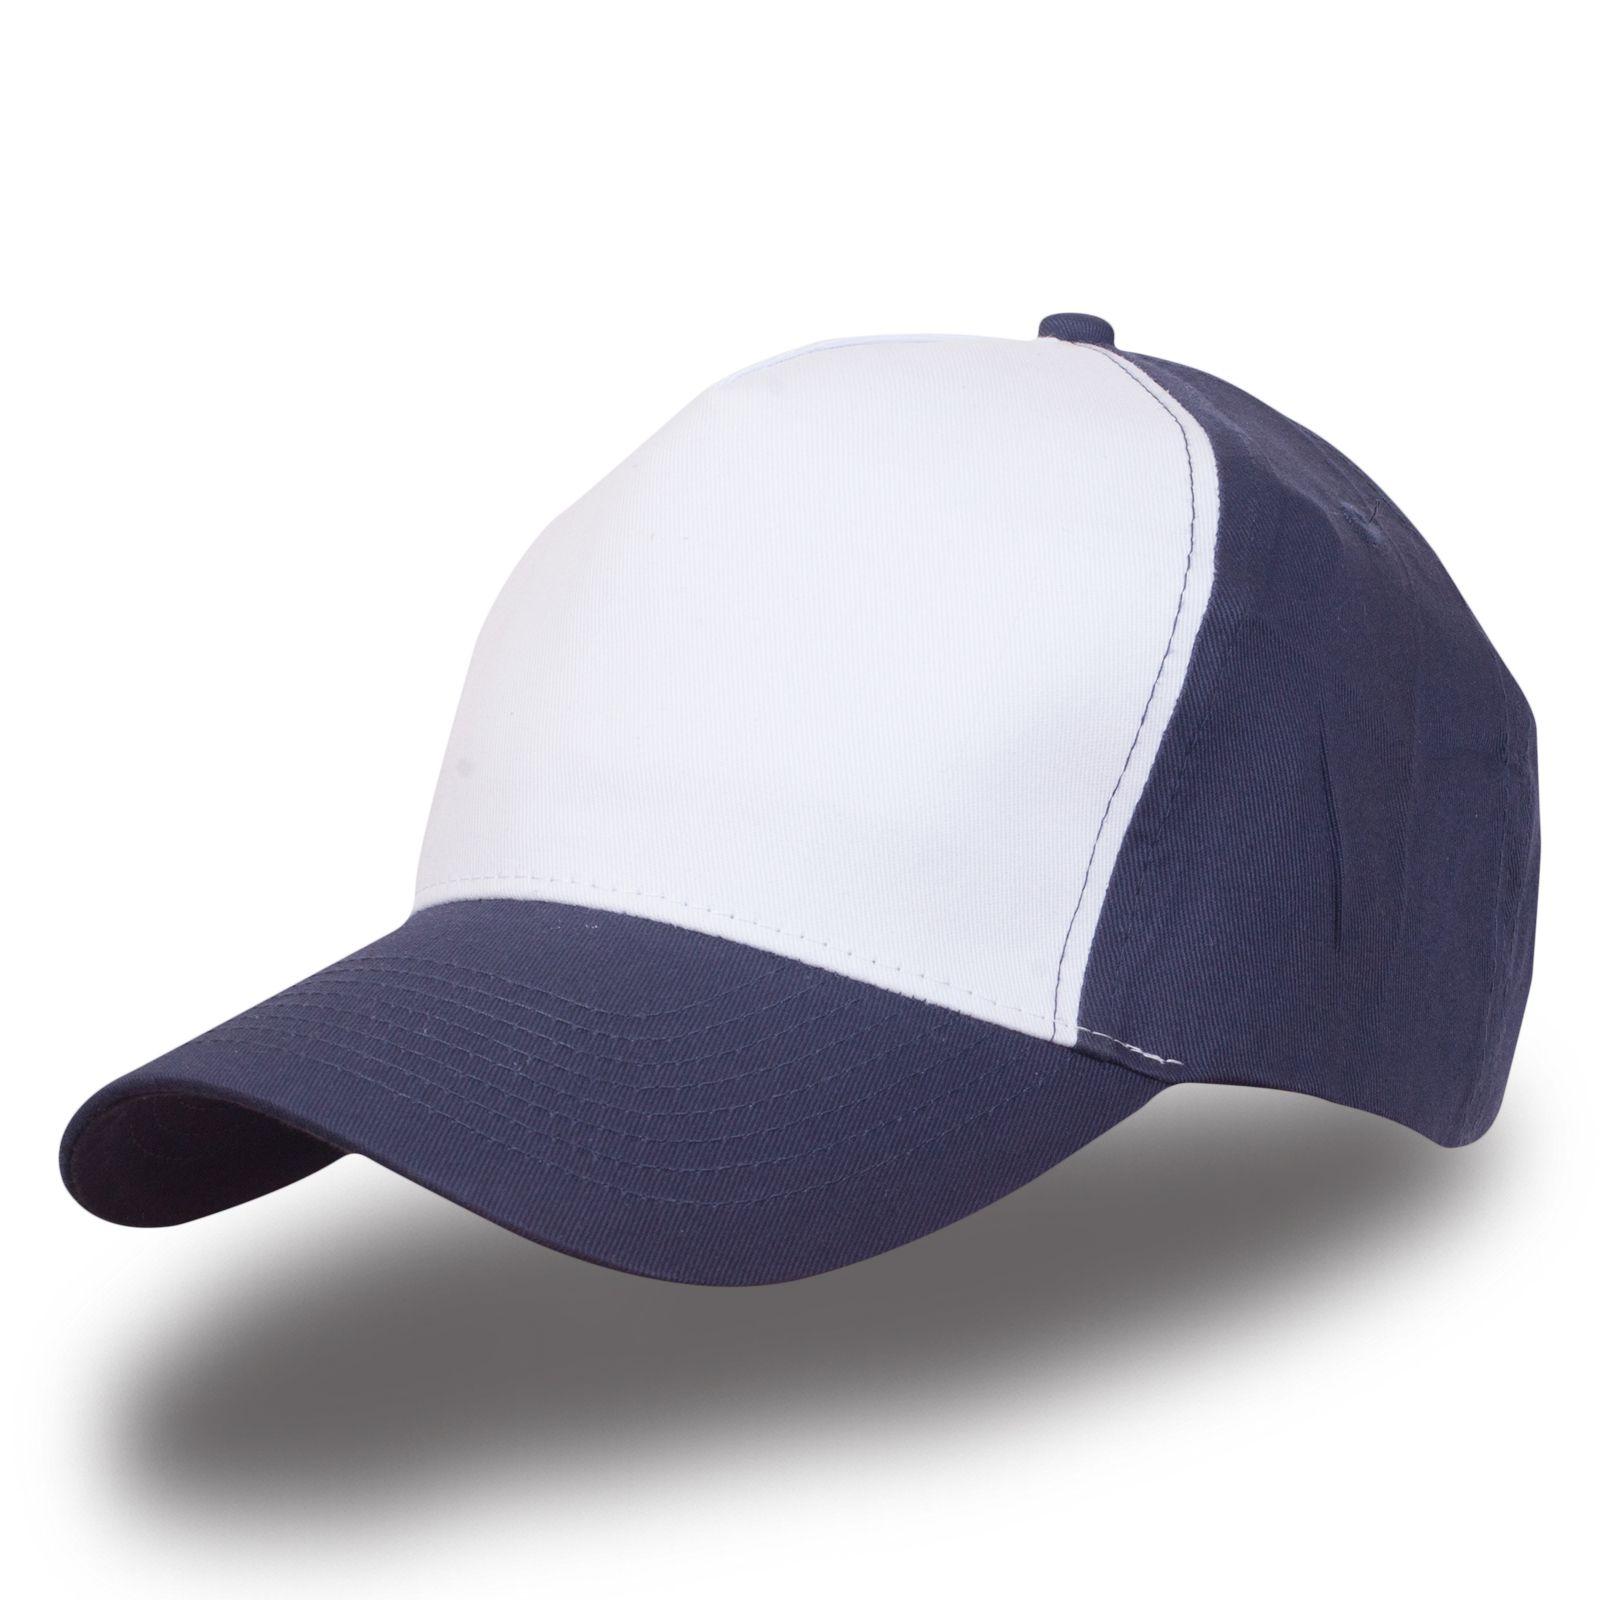 Бейсболка бело-синяя - купить в интернет-магазине с доставкой